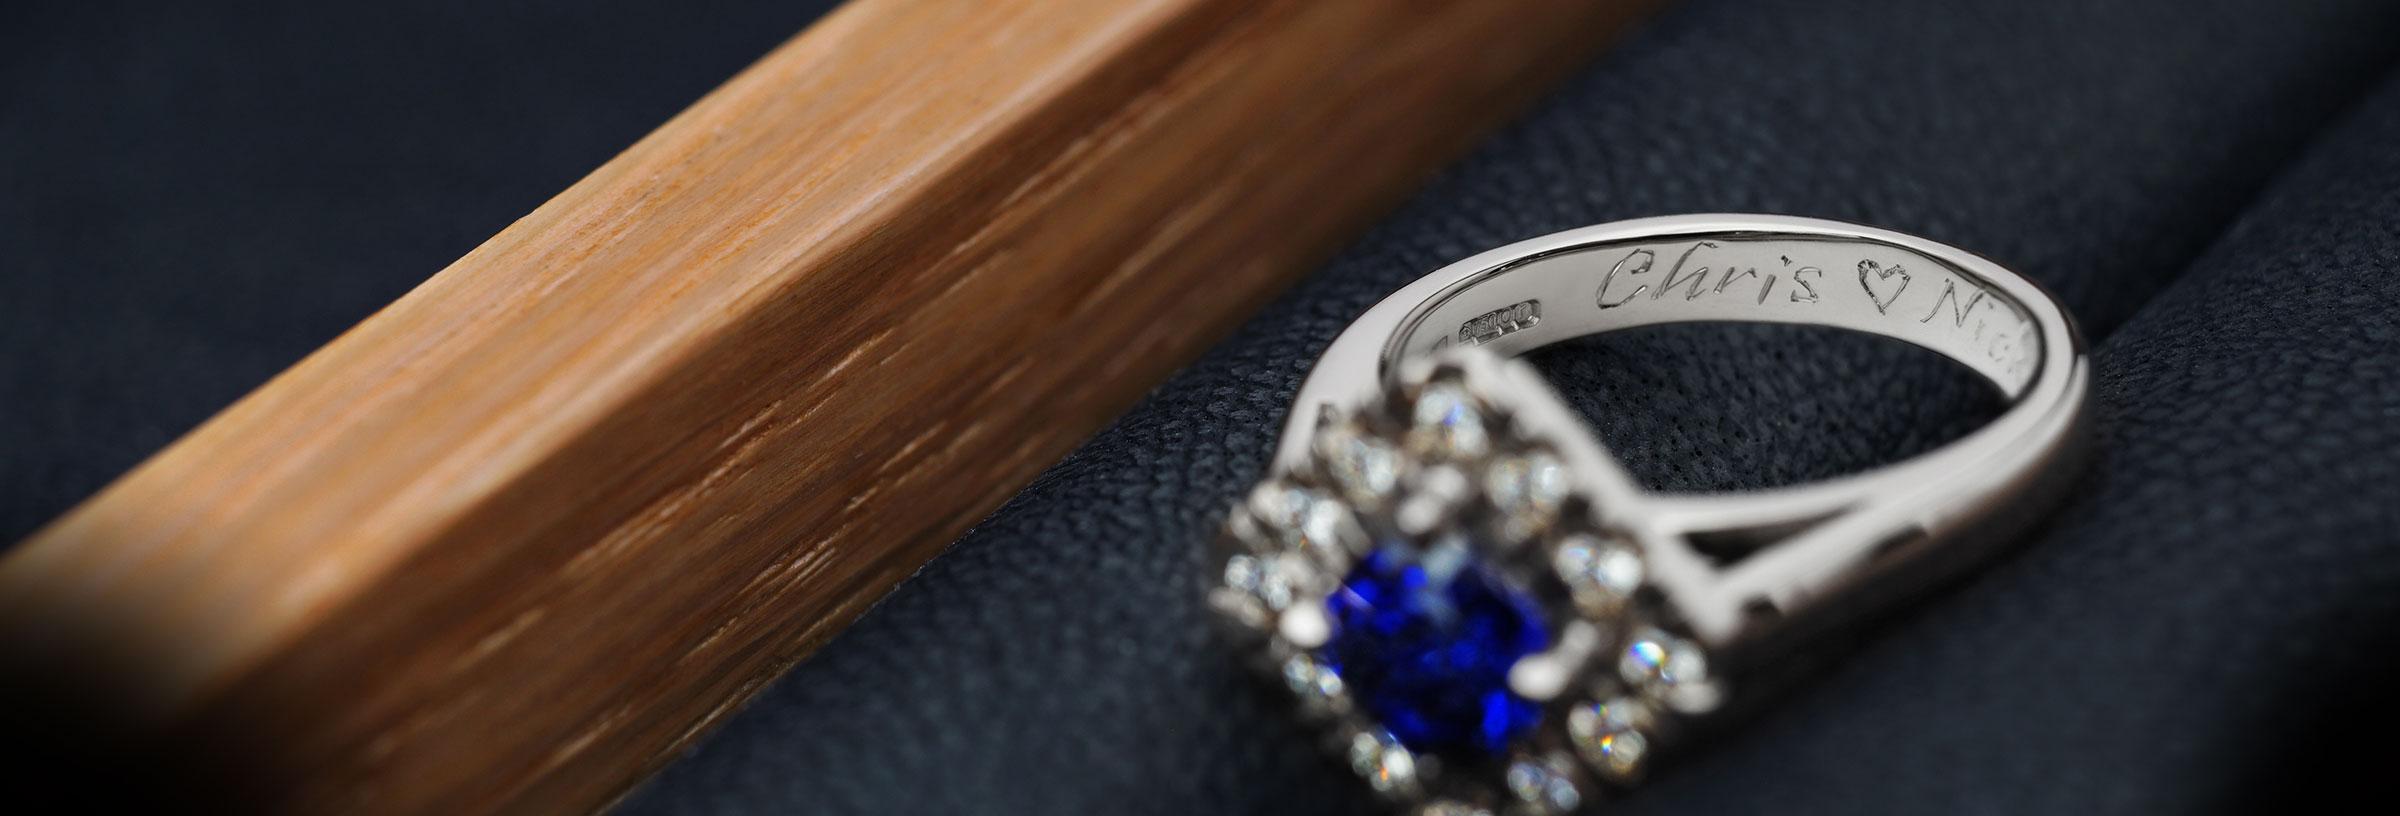 inside letters engraved engagement rings harriet kelsall